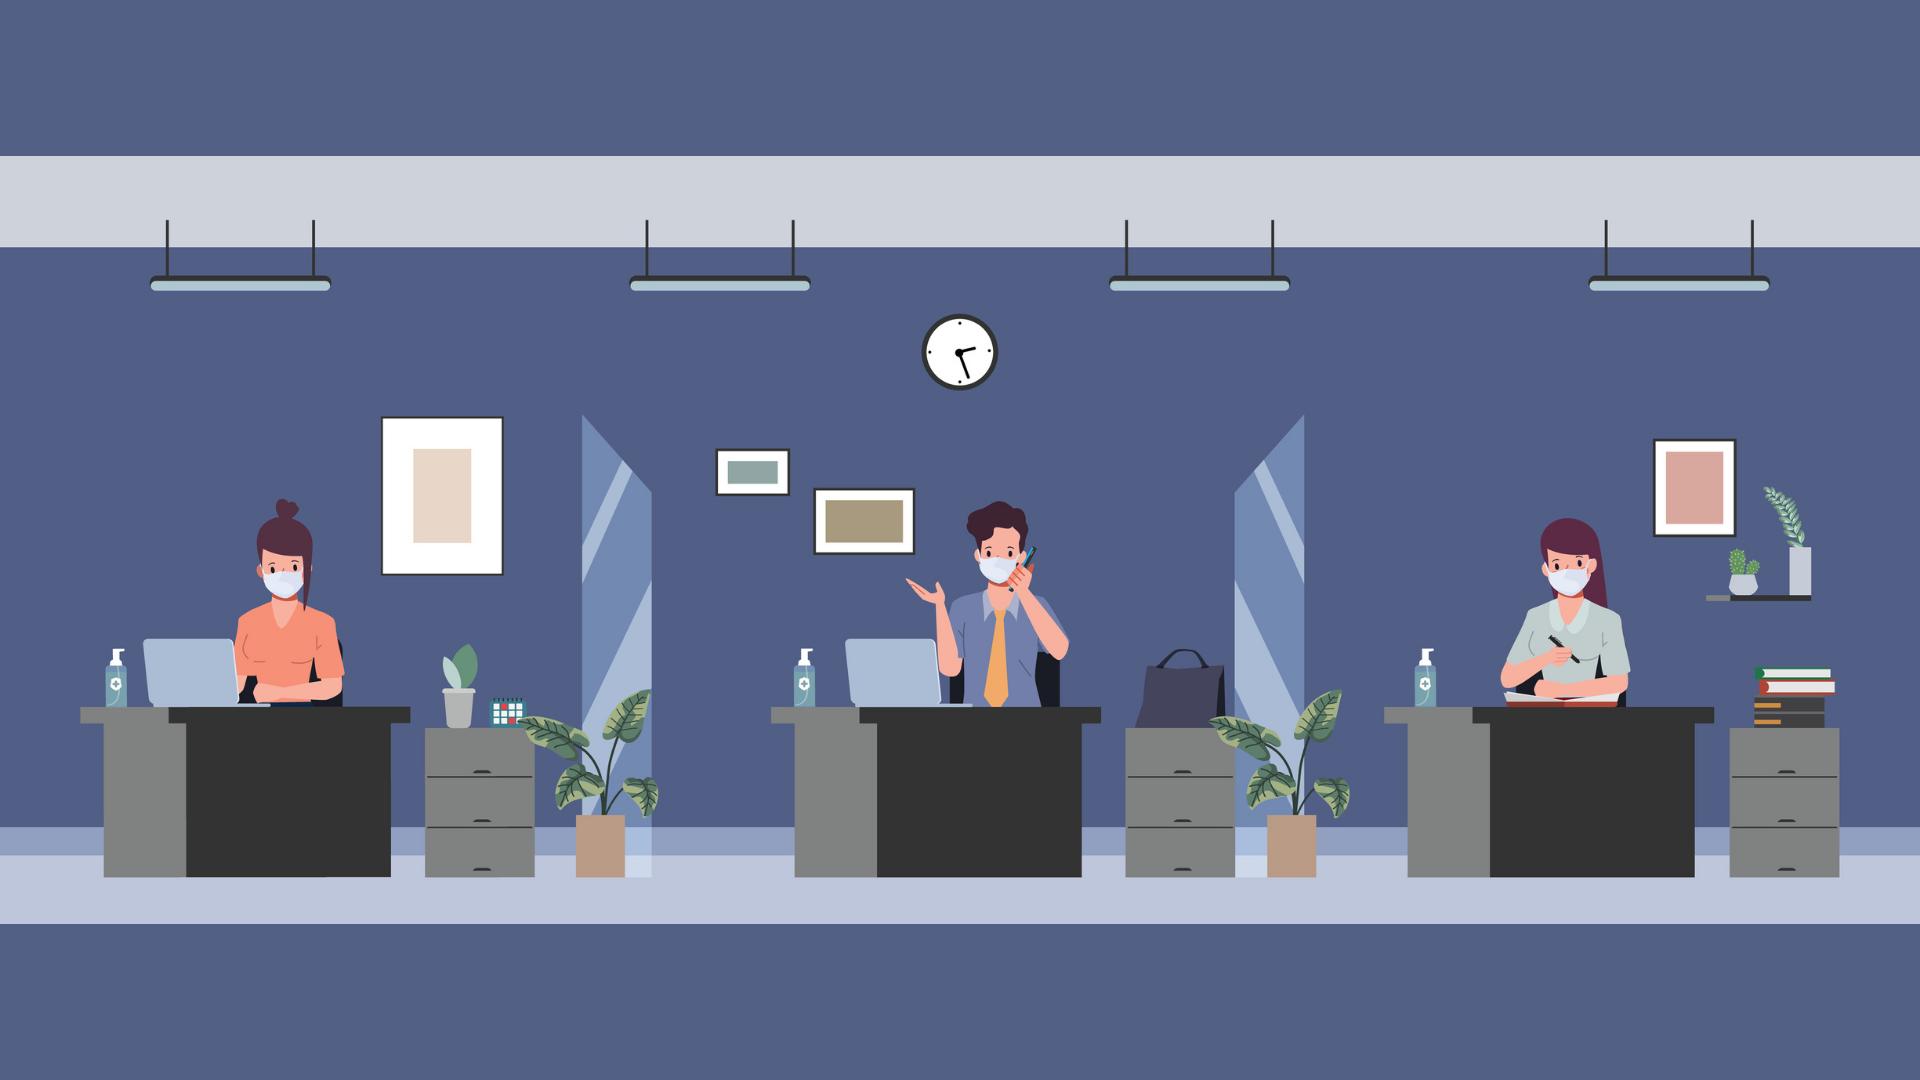 Komplett Bedrift smittevern på kontoret med skillevegger og bordskjermer i plexiglass eller filt